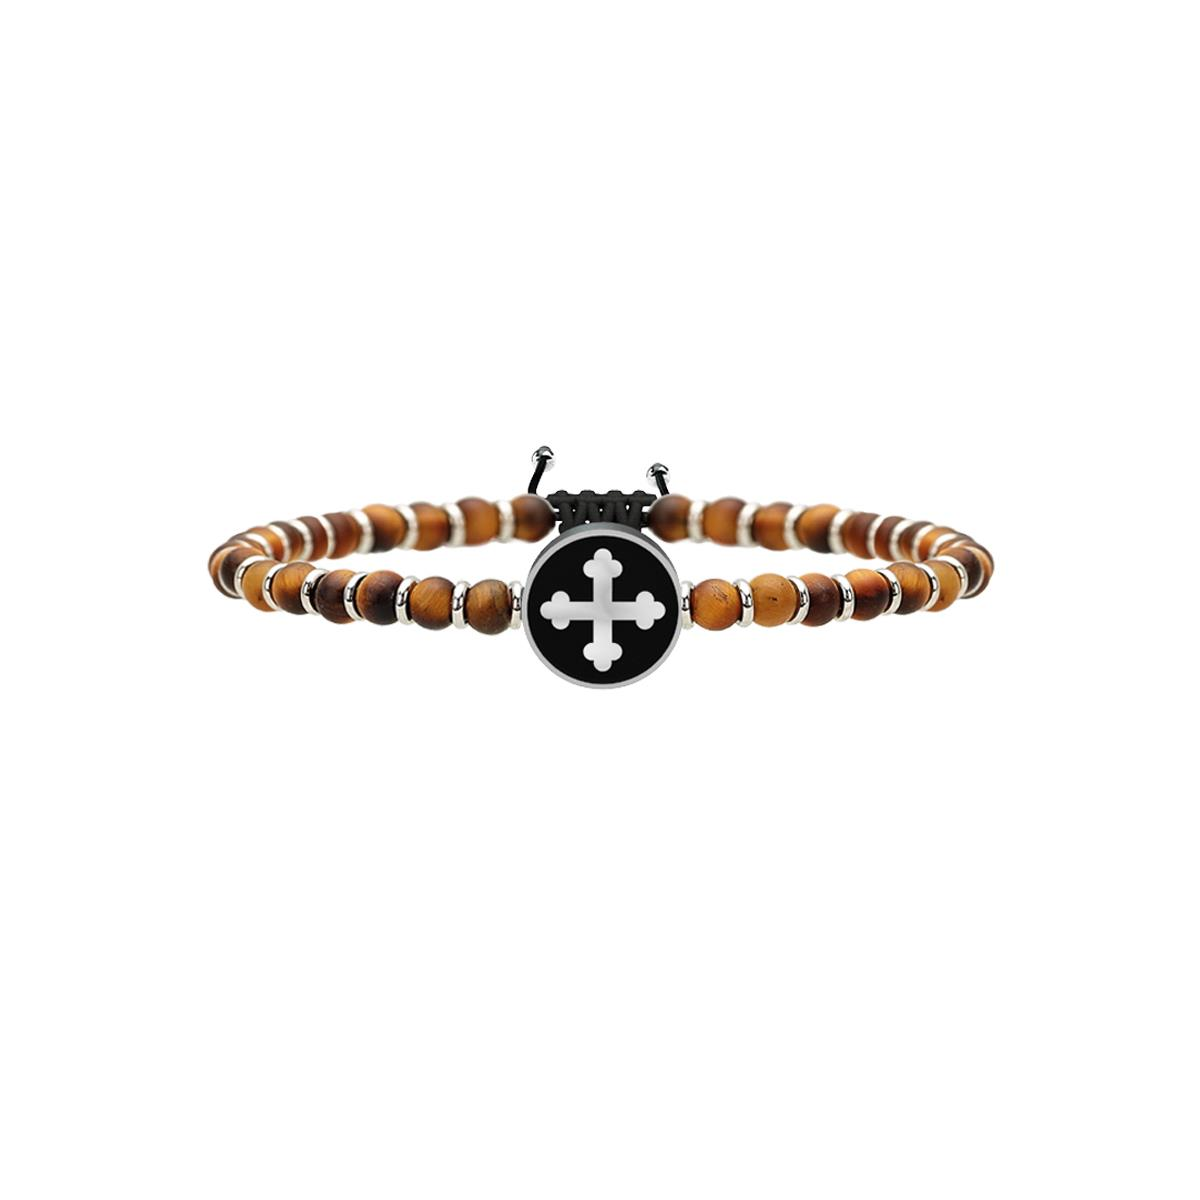 Bracciale Spirituality Uomo in Acciaio e Occhio di Tigre Croce di San Michele | Arcangelo Guerriero  731222 - KIDULT